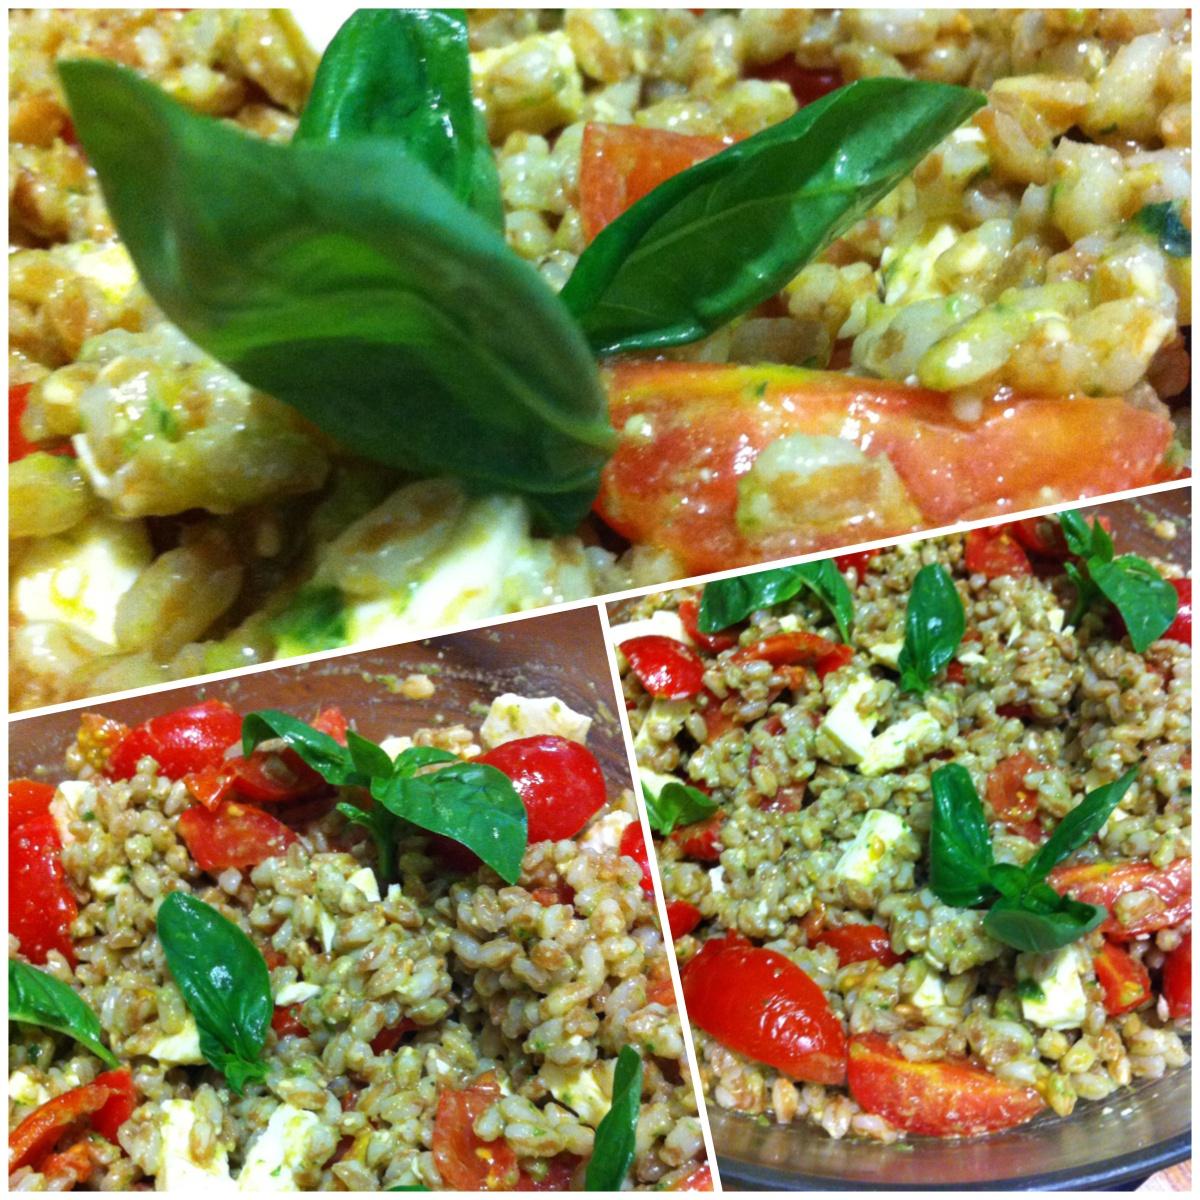 insalata-di-farro-pomodorini-pesto-feta-9.JPG